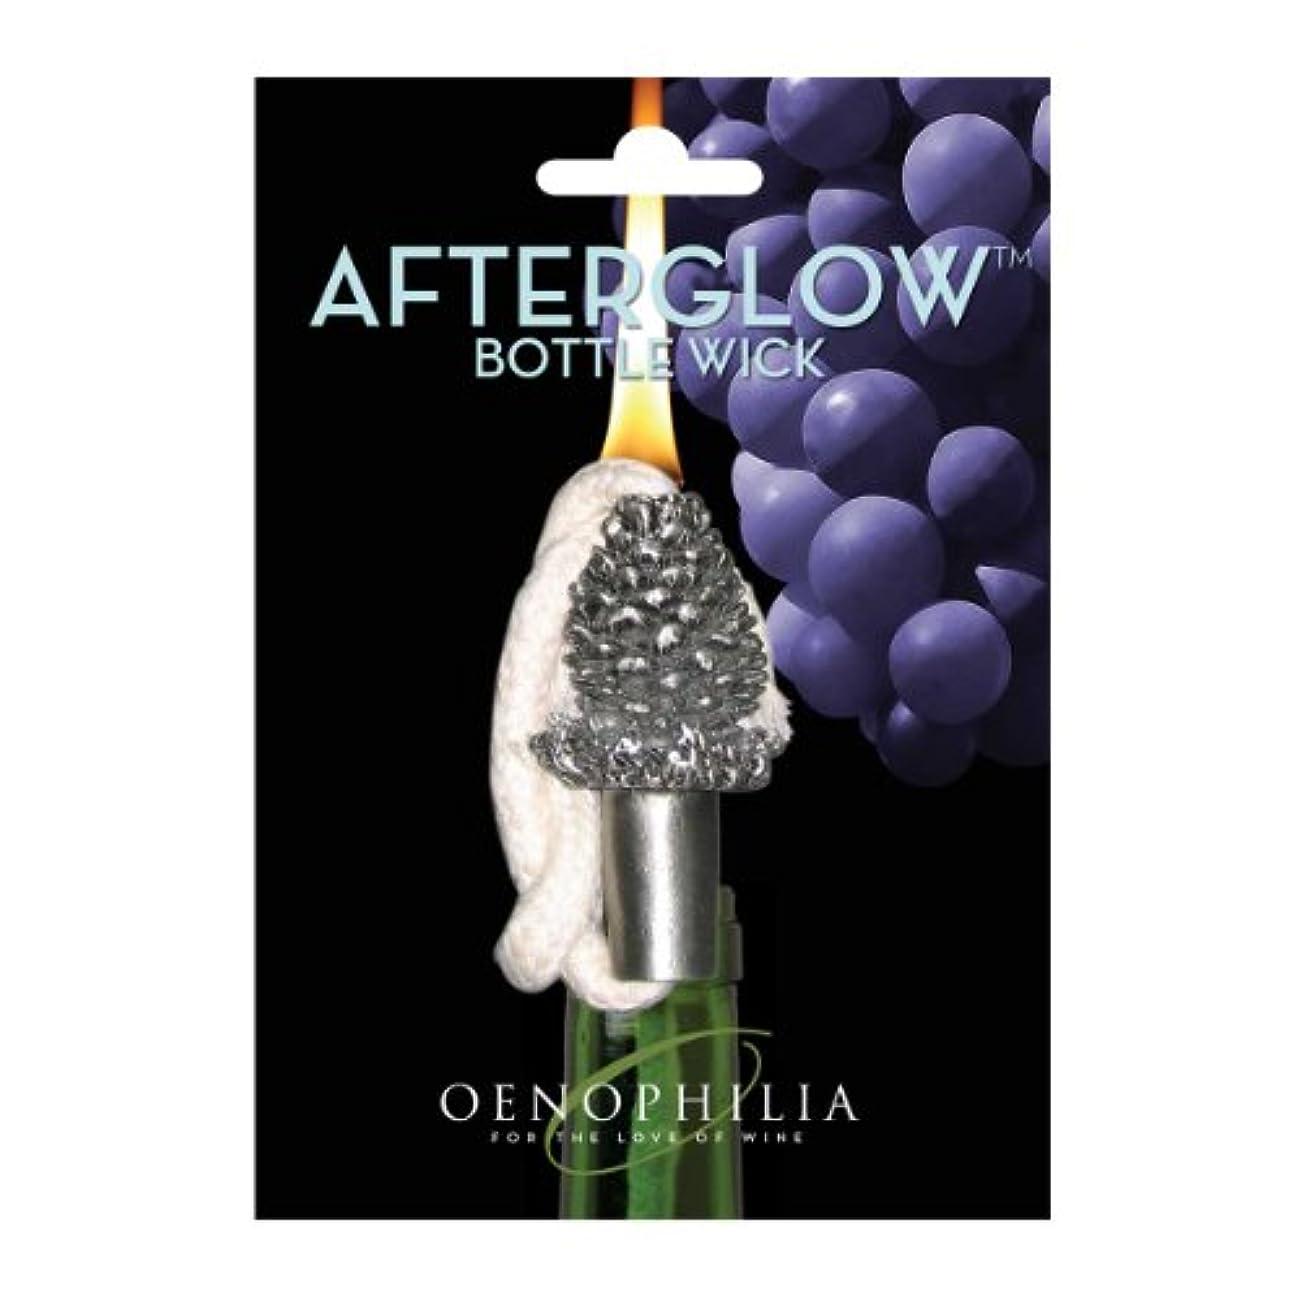 偽物抵当用心深いOenophilia Afterglow Bottle Wick - Pinecone by Oenophilia [並行輸入品]